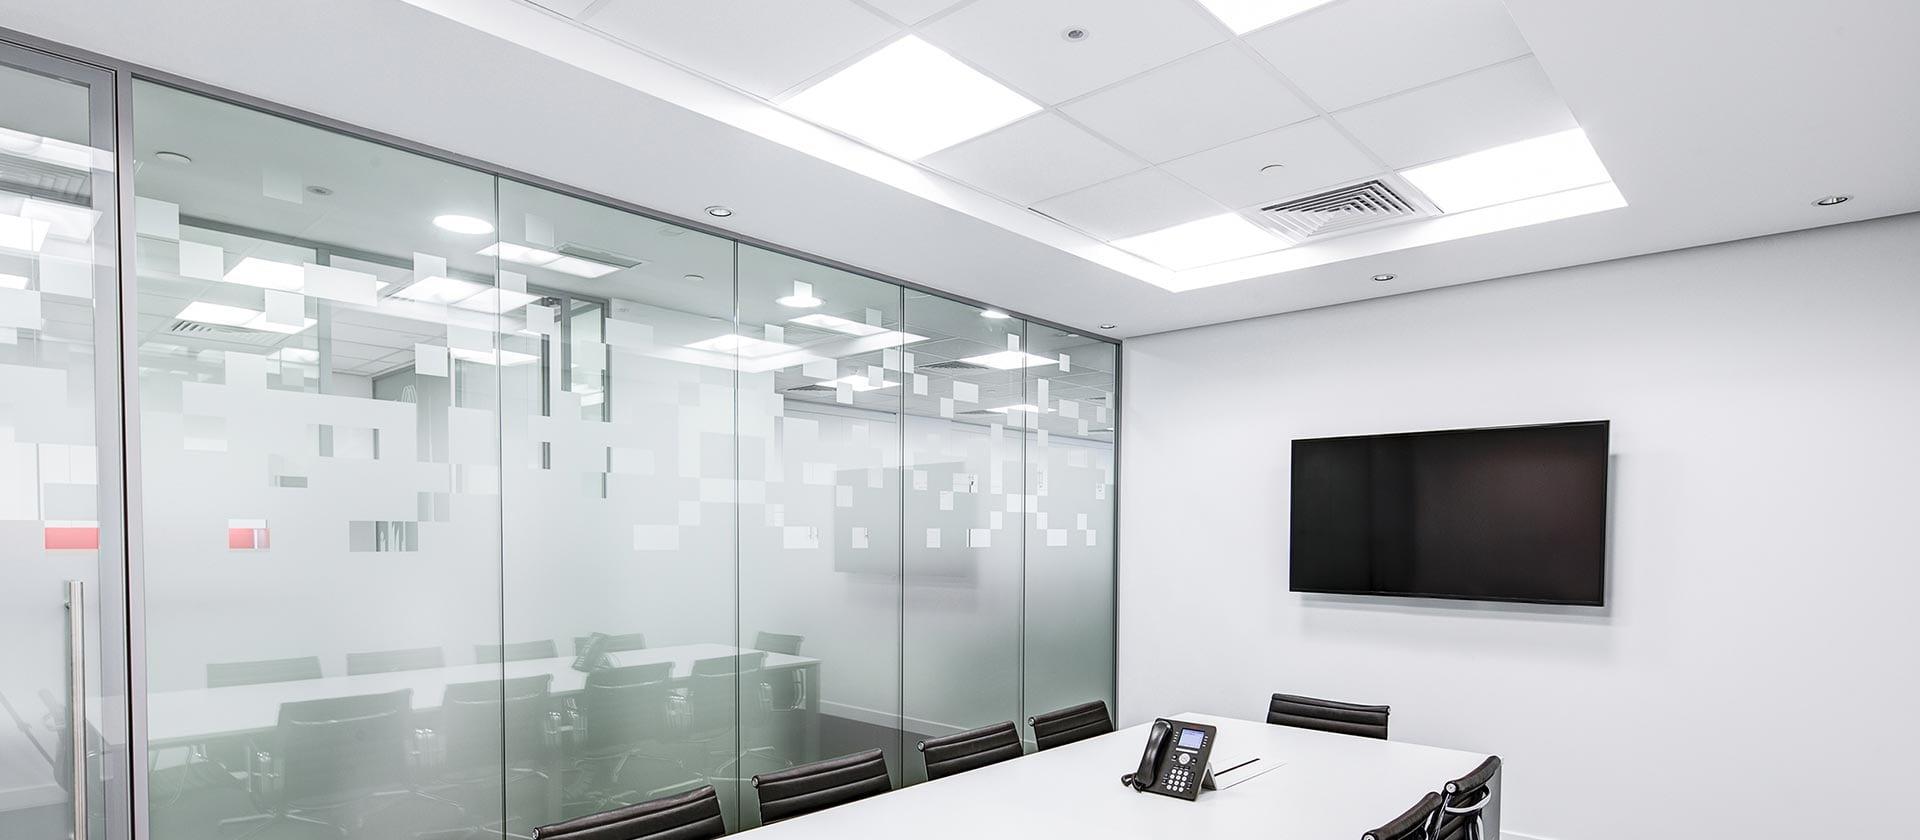 Commercial Solutions Led Lighting Sloanled